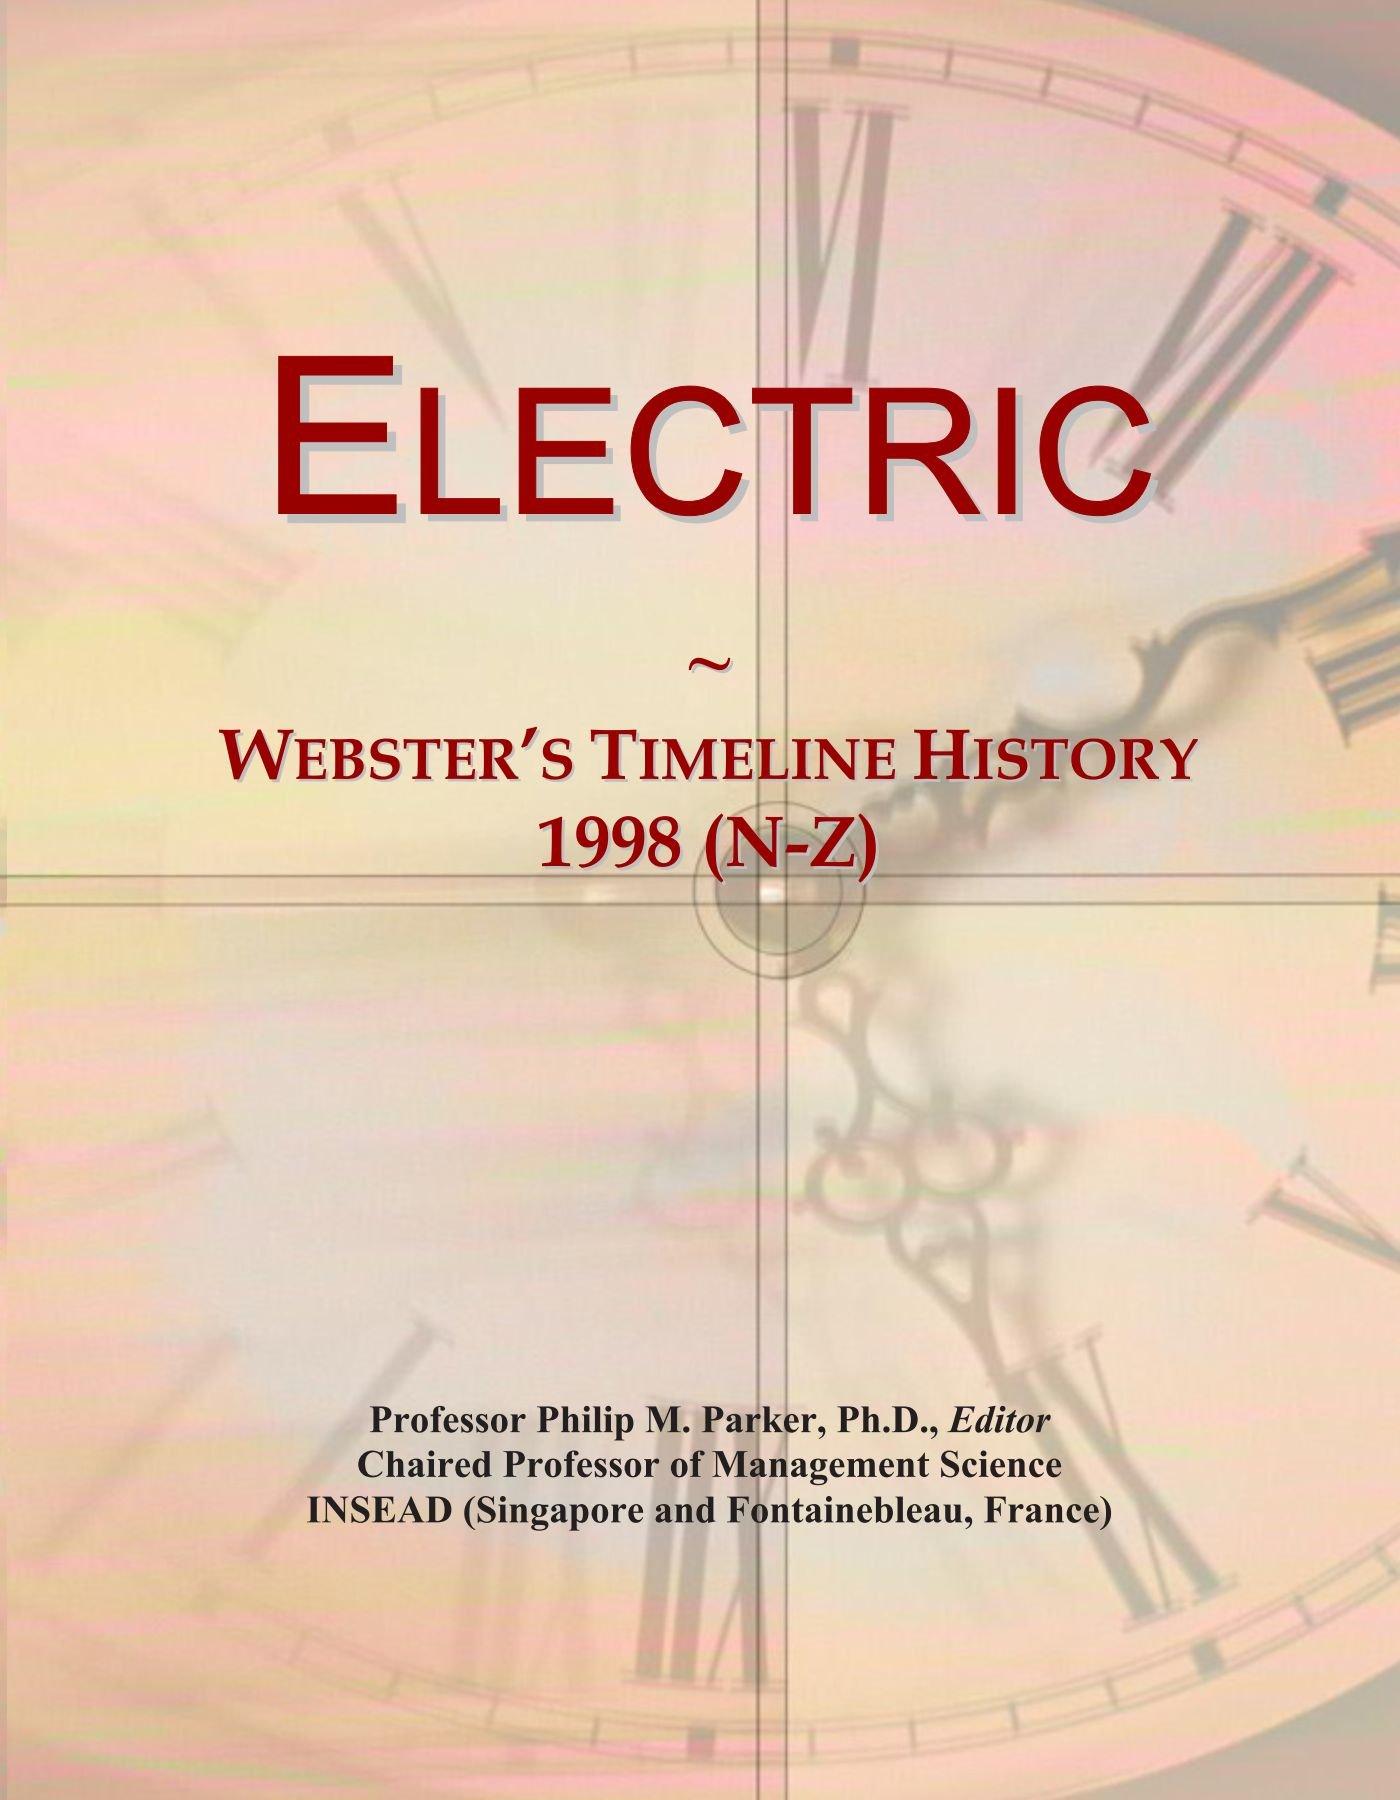 Electric: Webster's Timeline History, 1998 (N-Z)